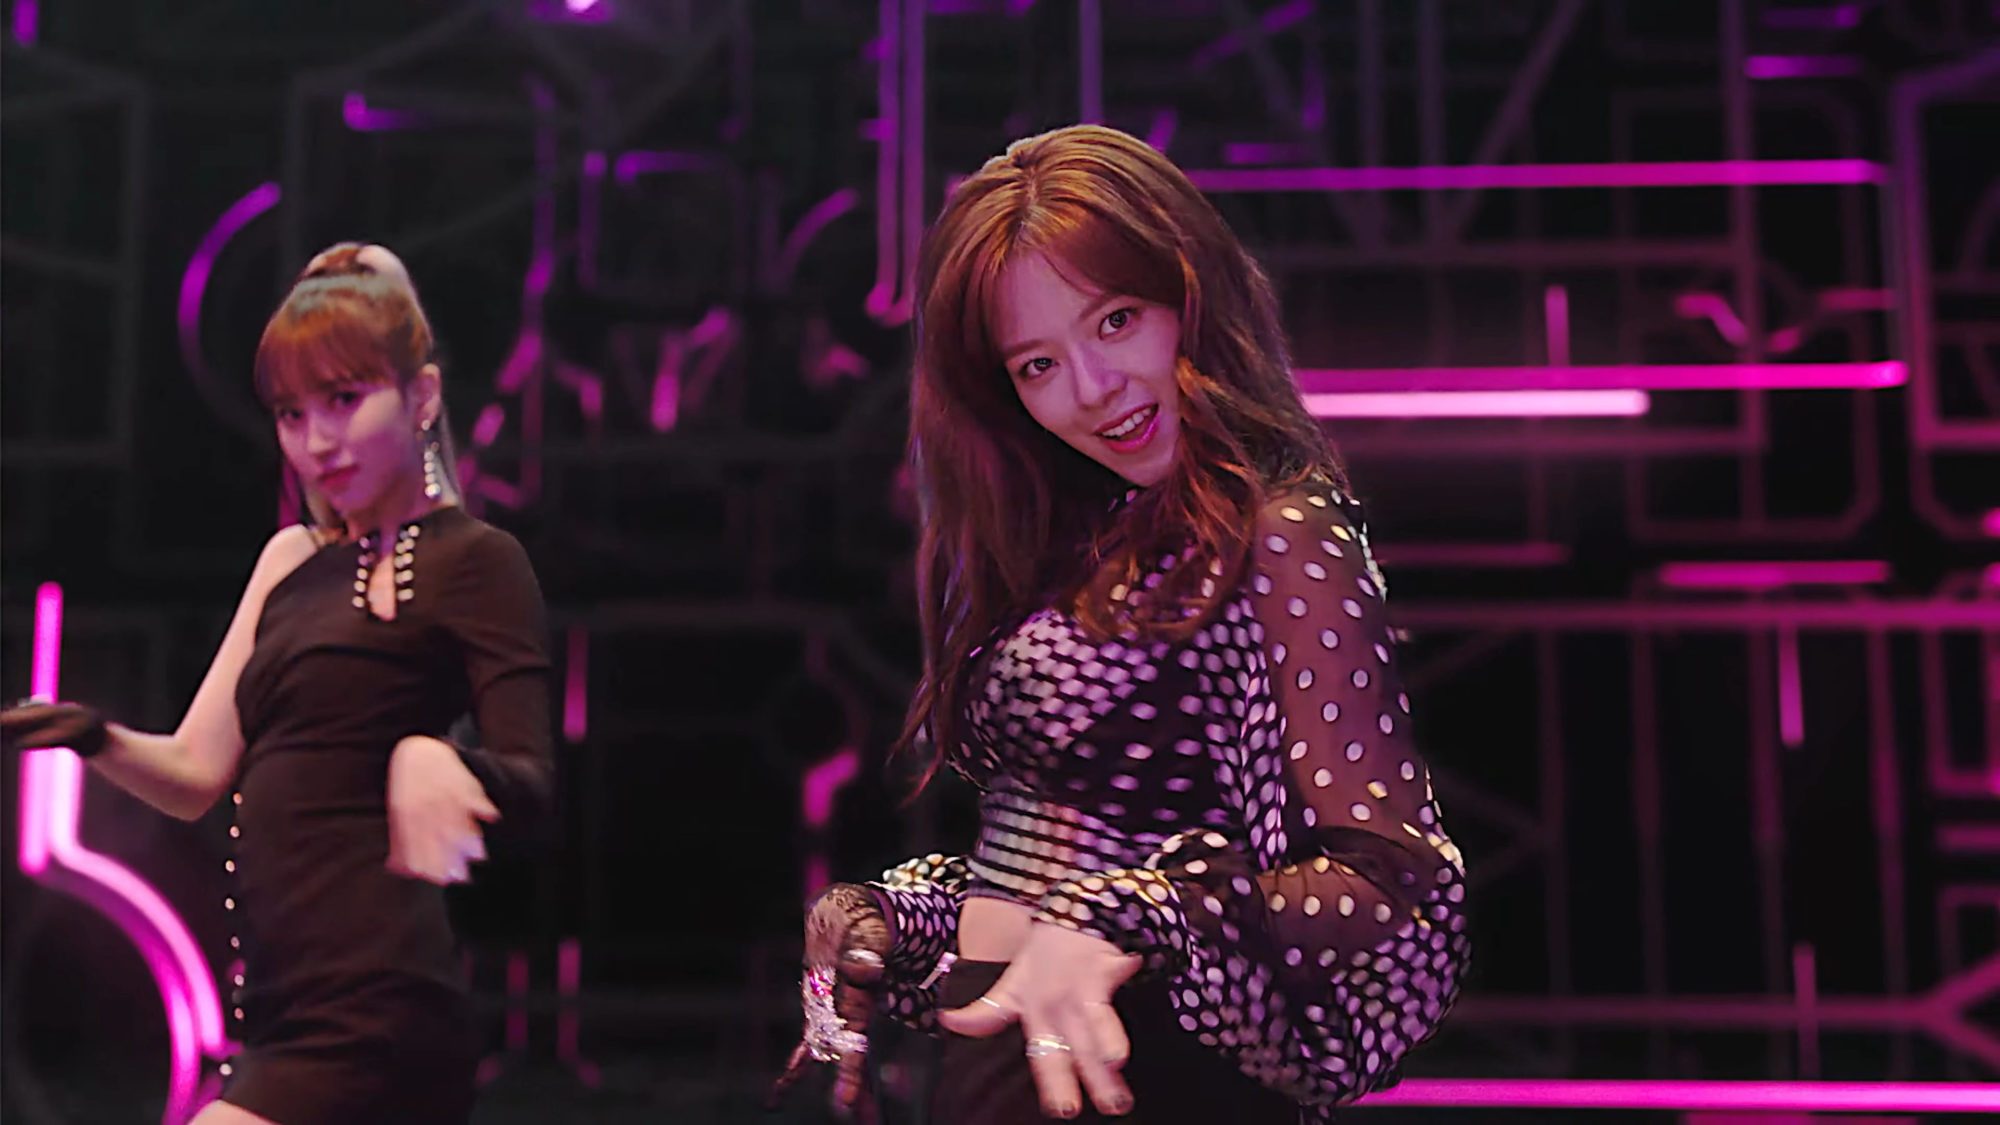 Twice Fancy Jeongyeon Post Hook Teaser